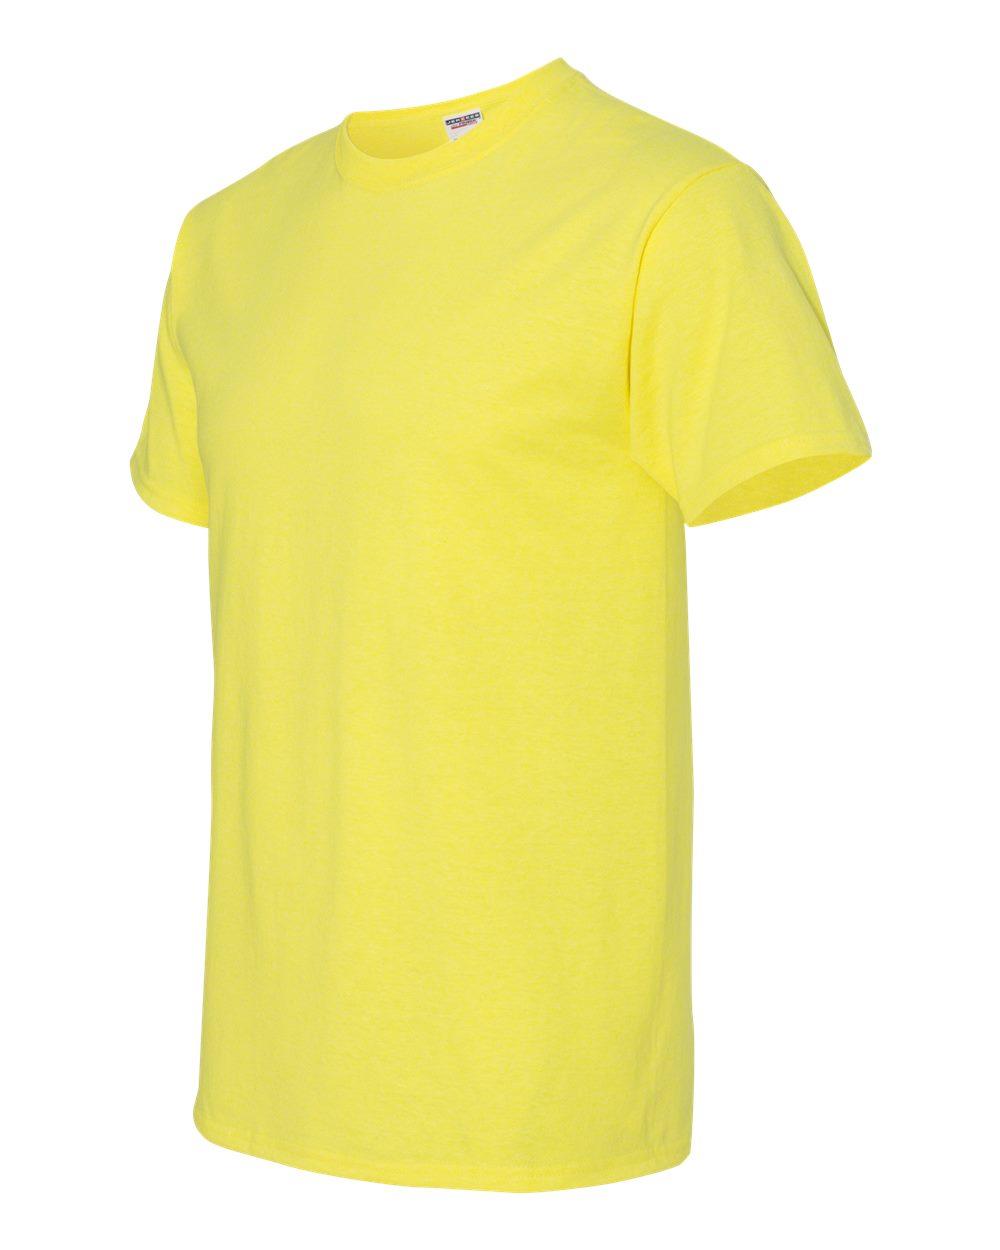 Jerzees-Men-039-s-5-6-oz-50-50-Heavyweight-Blend-T-Shirt-29M-S-4XL thumbnail 72